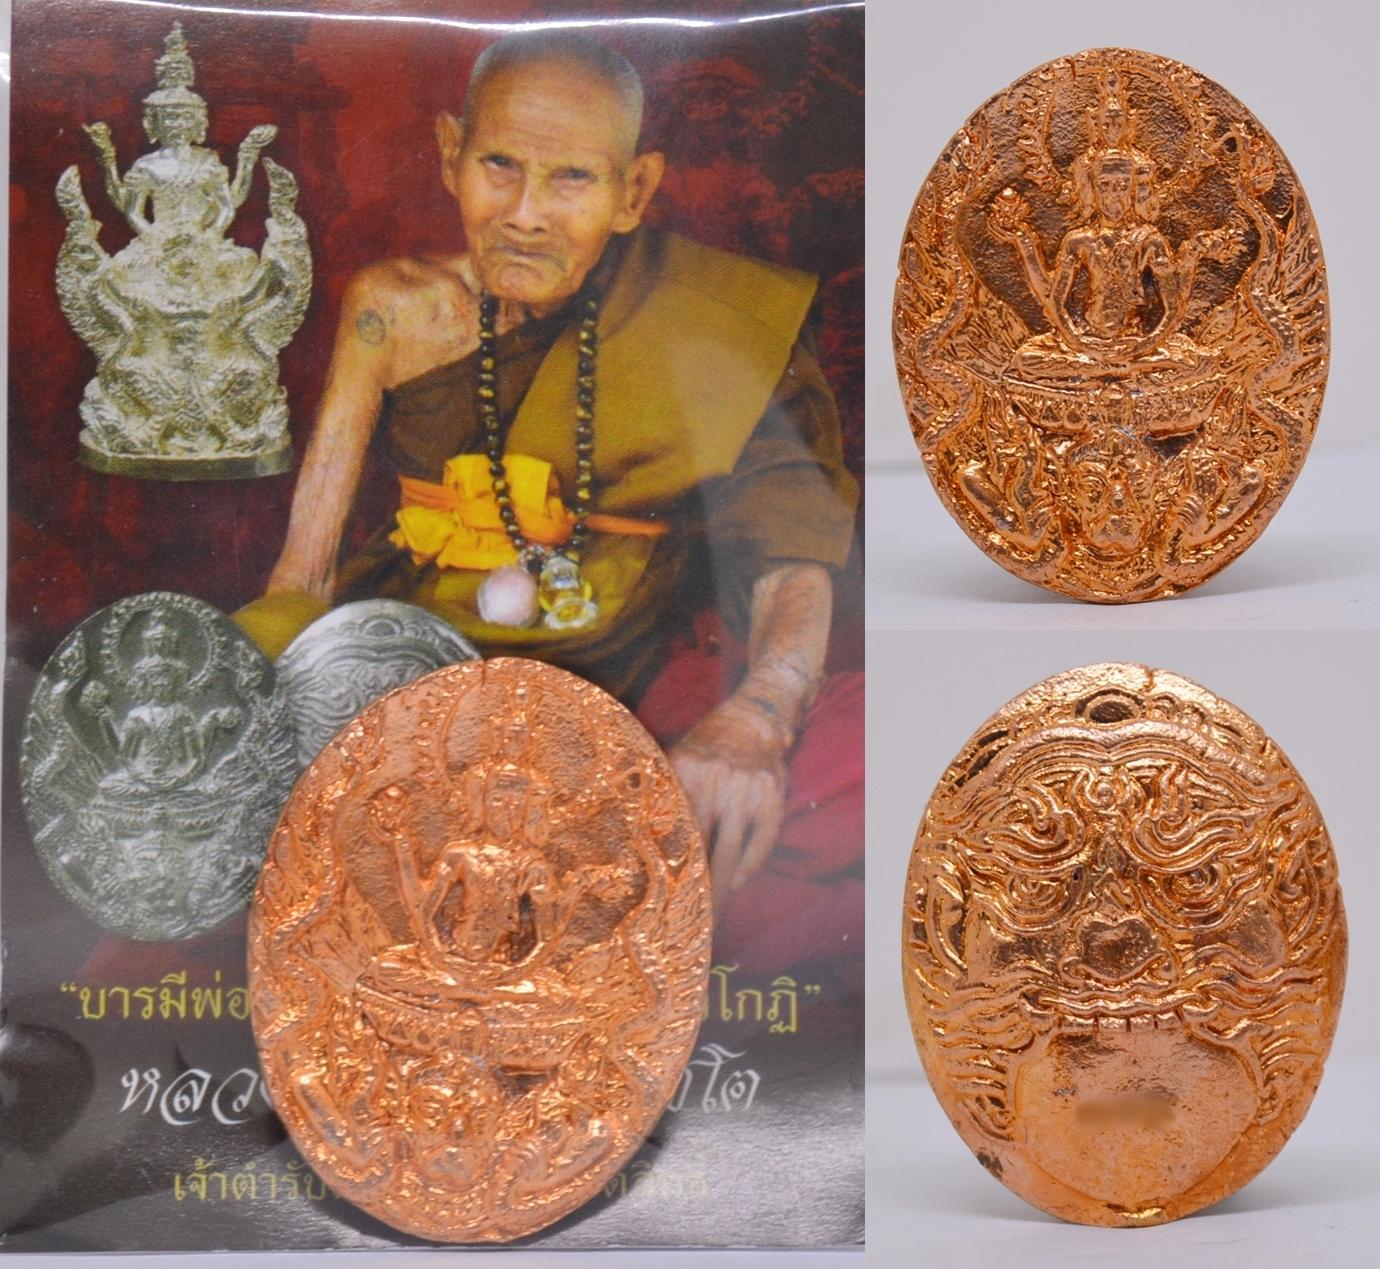 เหรียญพ่อปู่ฤาษีมหาจักรพรรดิ์นวโกฏิ เนื้อทองแดง หลวงปู่นอง วัดเกาะโบสถ์ 2558